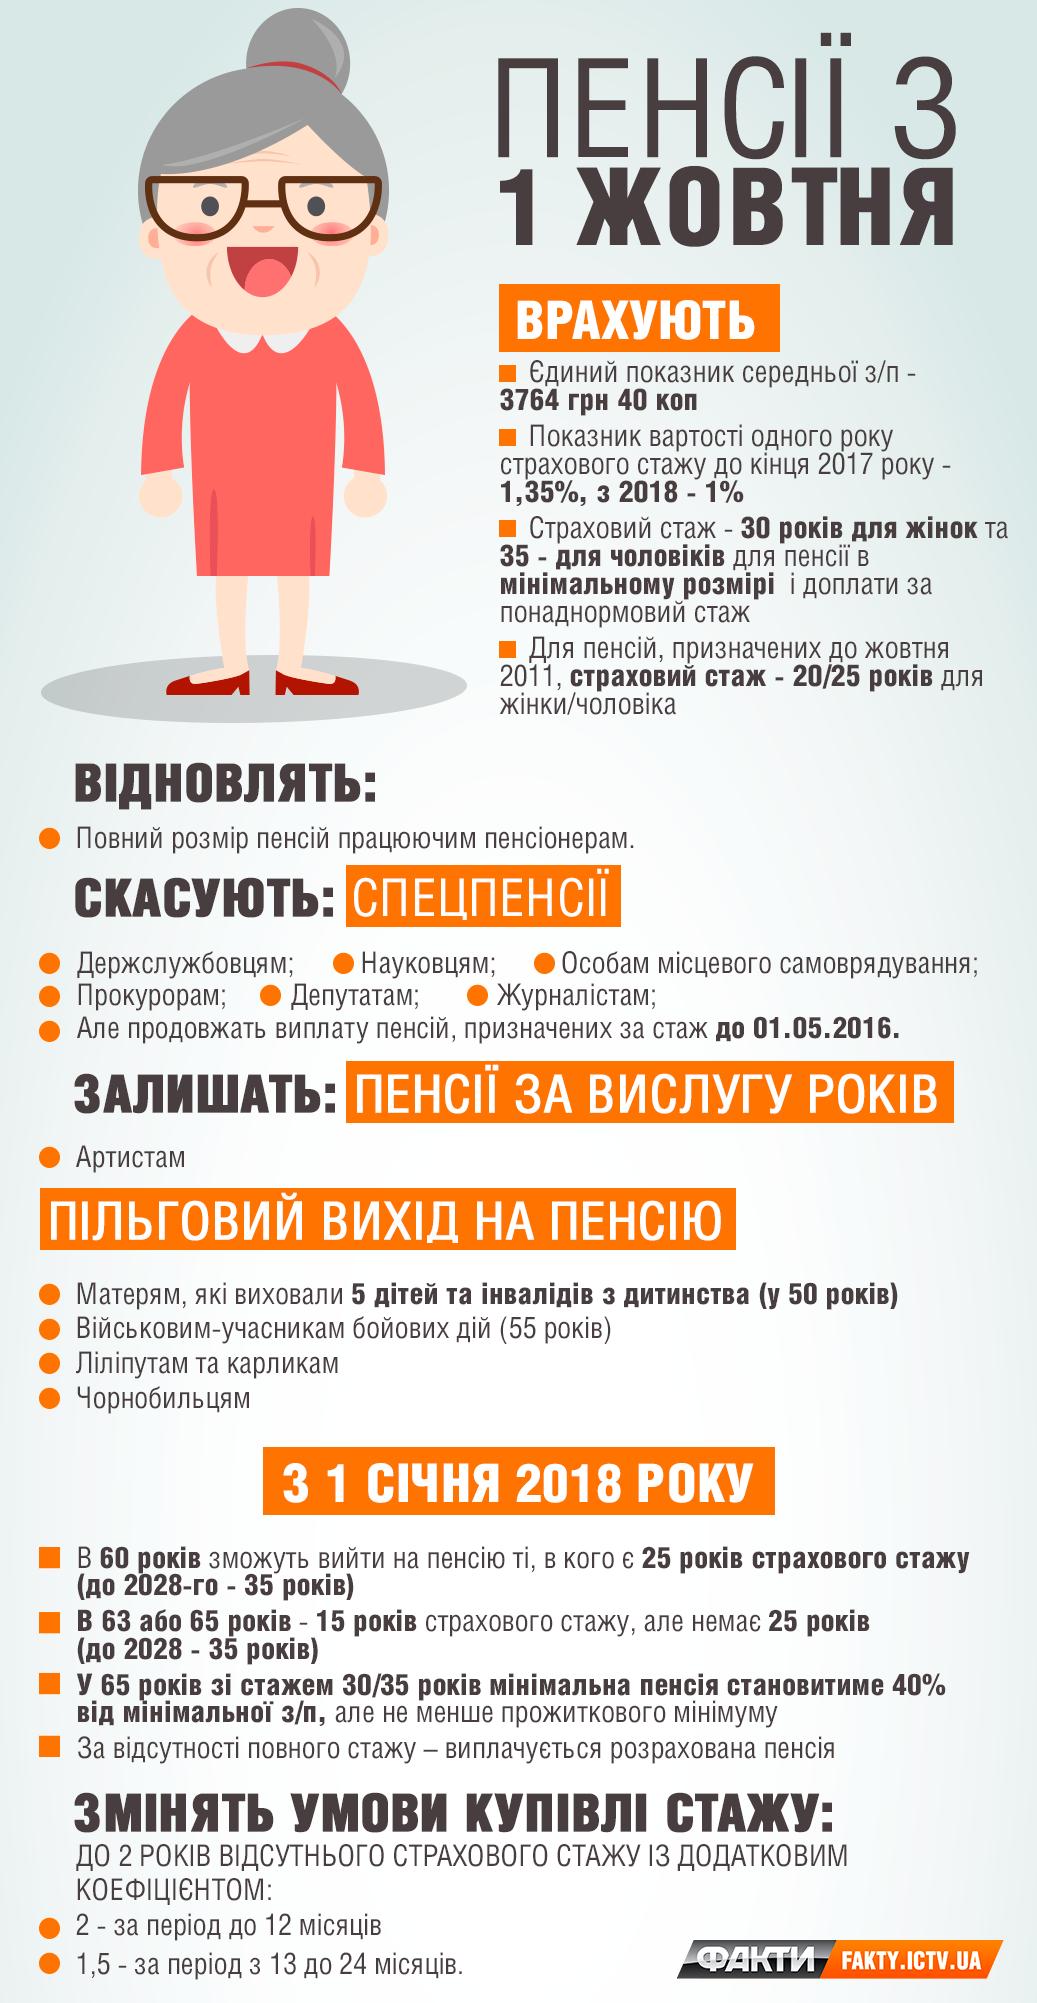 Новые пенсии в октябре 2018 года